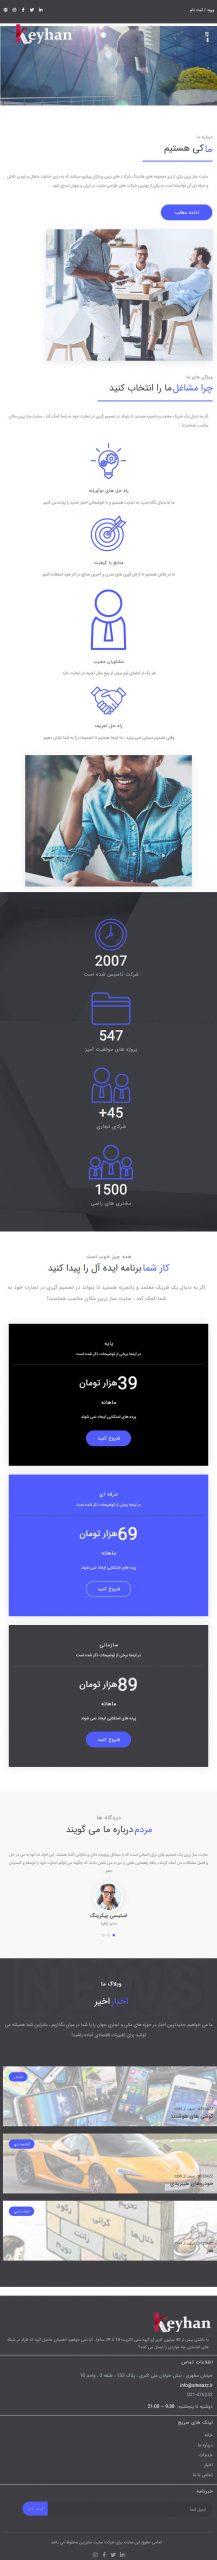 سایت کیهان در حالت تبلت